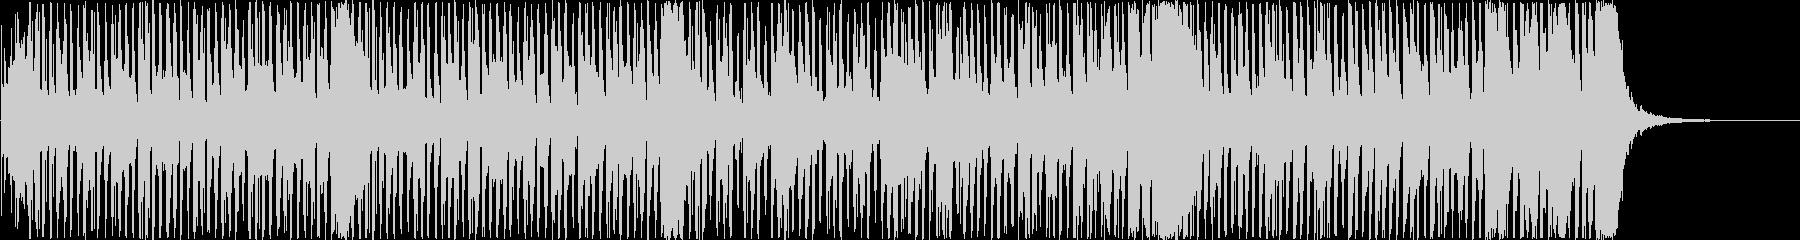 ポップな雰囲気で動画のBGMに最適の未再生の波形